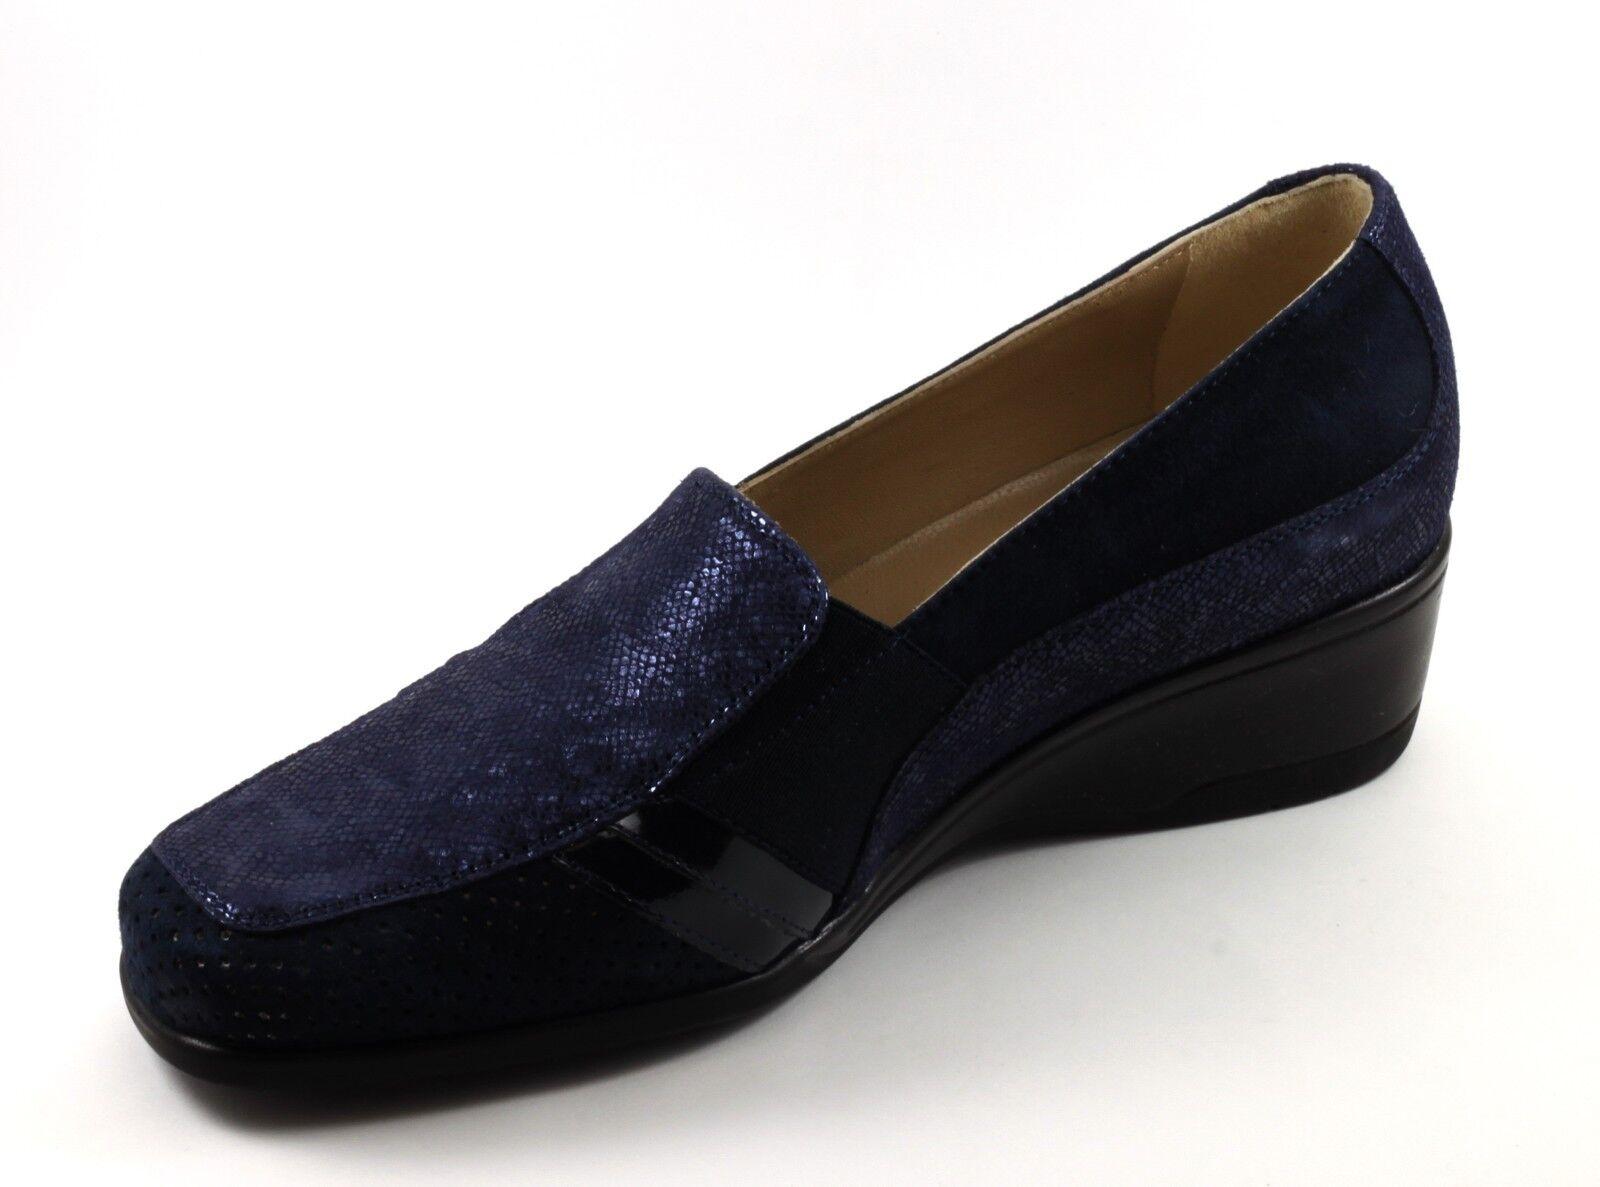 chaussures femmes ELEGANTI MORBIDE CONFORT PELLE PELLE PELLE NABUK TRAFORATE bleu n. 39 c151e1